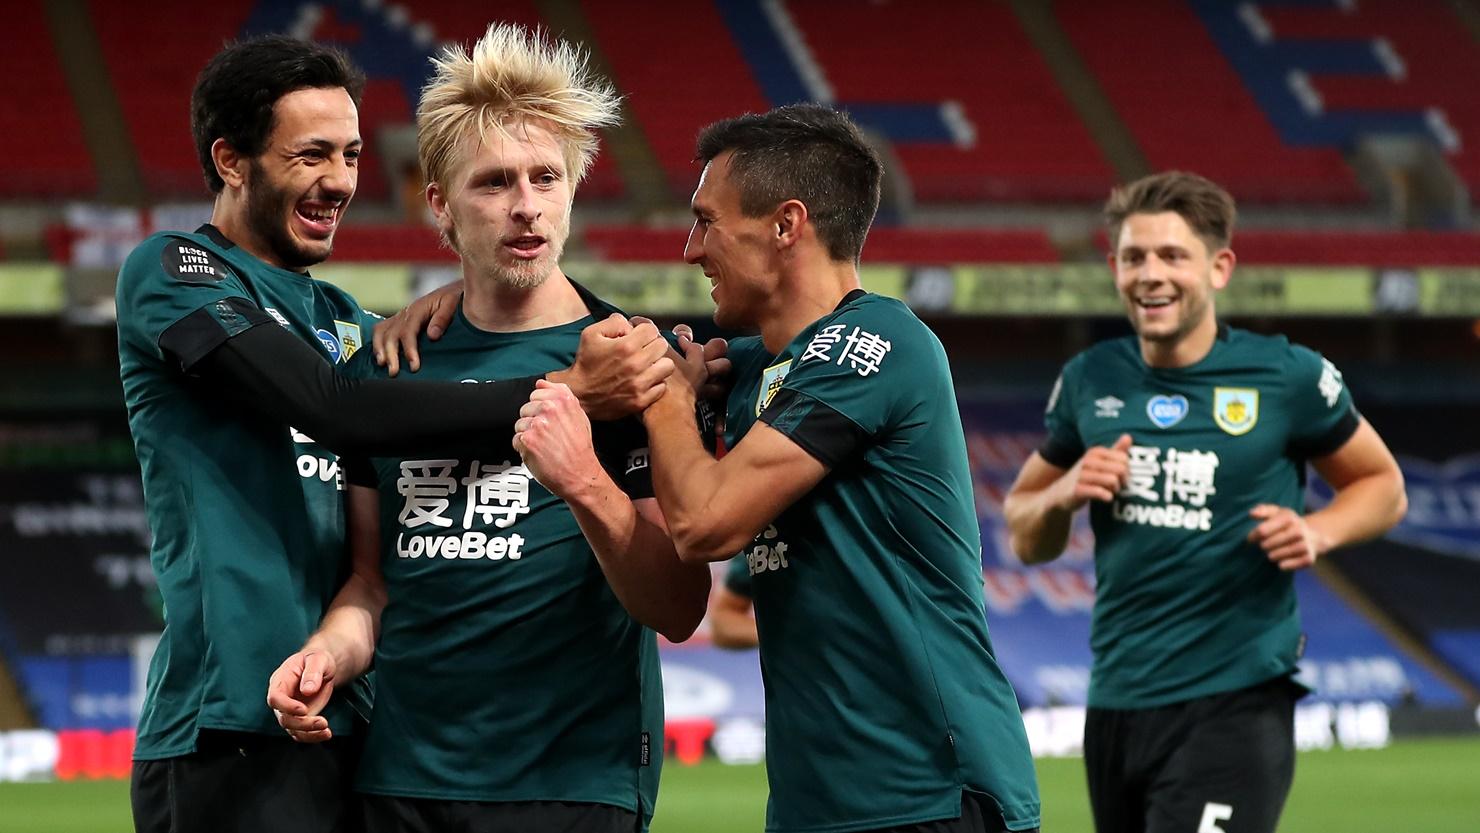 كواليس انتصار بيرنلي ضد شيفيلد بالدوري الانجليزي (6)